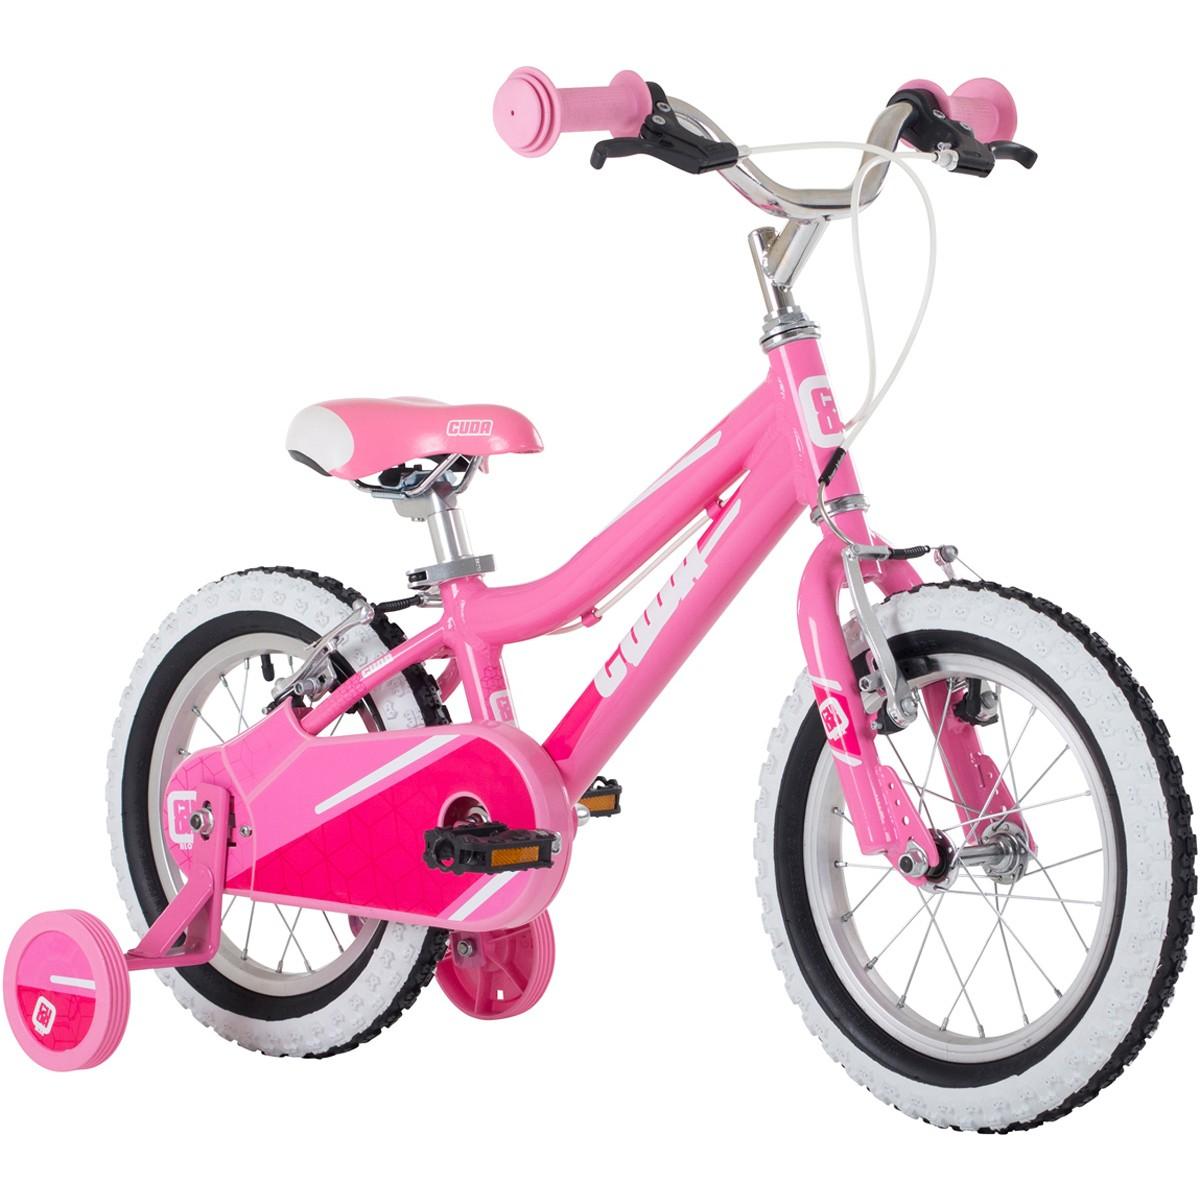 Blox 14 Inch Girls Alloy Lightweight Bike 2016